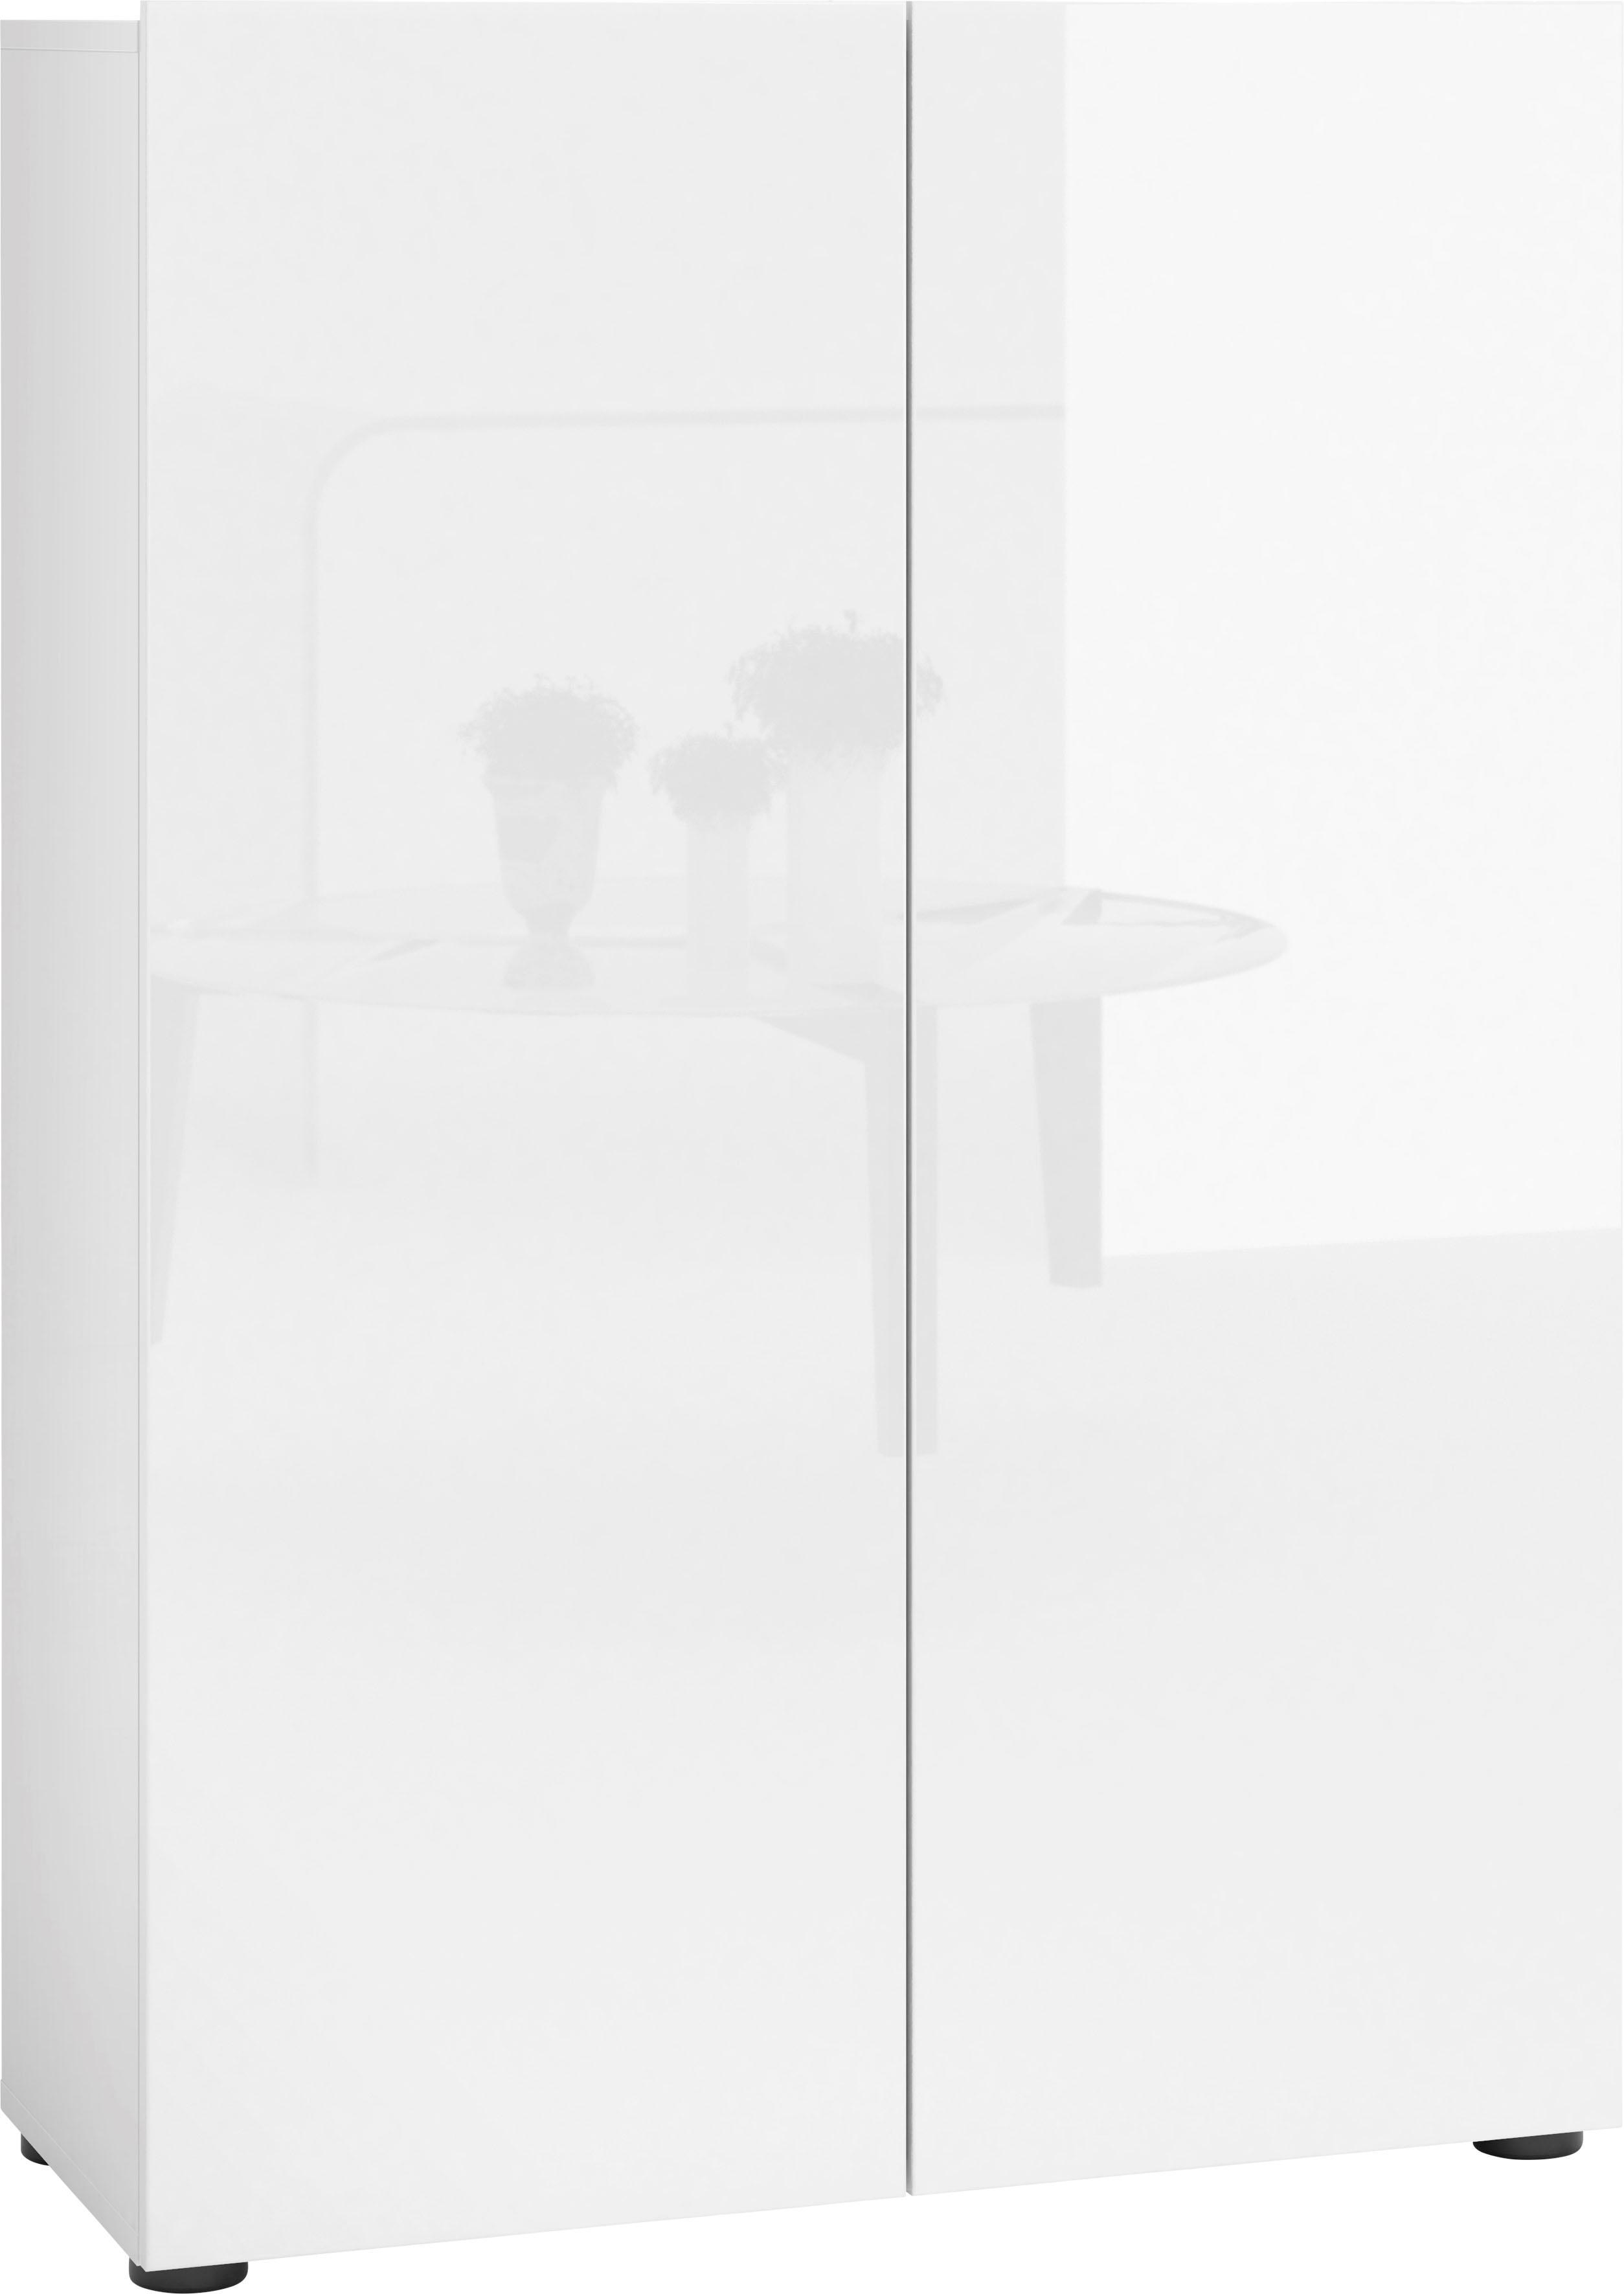 KITALY Schuhschrank »Mister«, Breite 80 cm, 2 Türen, Hochglanz Lackiert günstig online kaufen